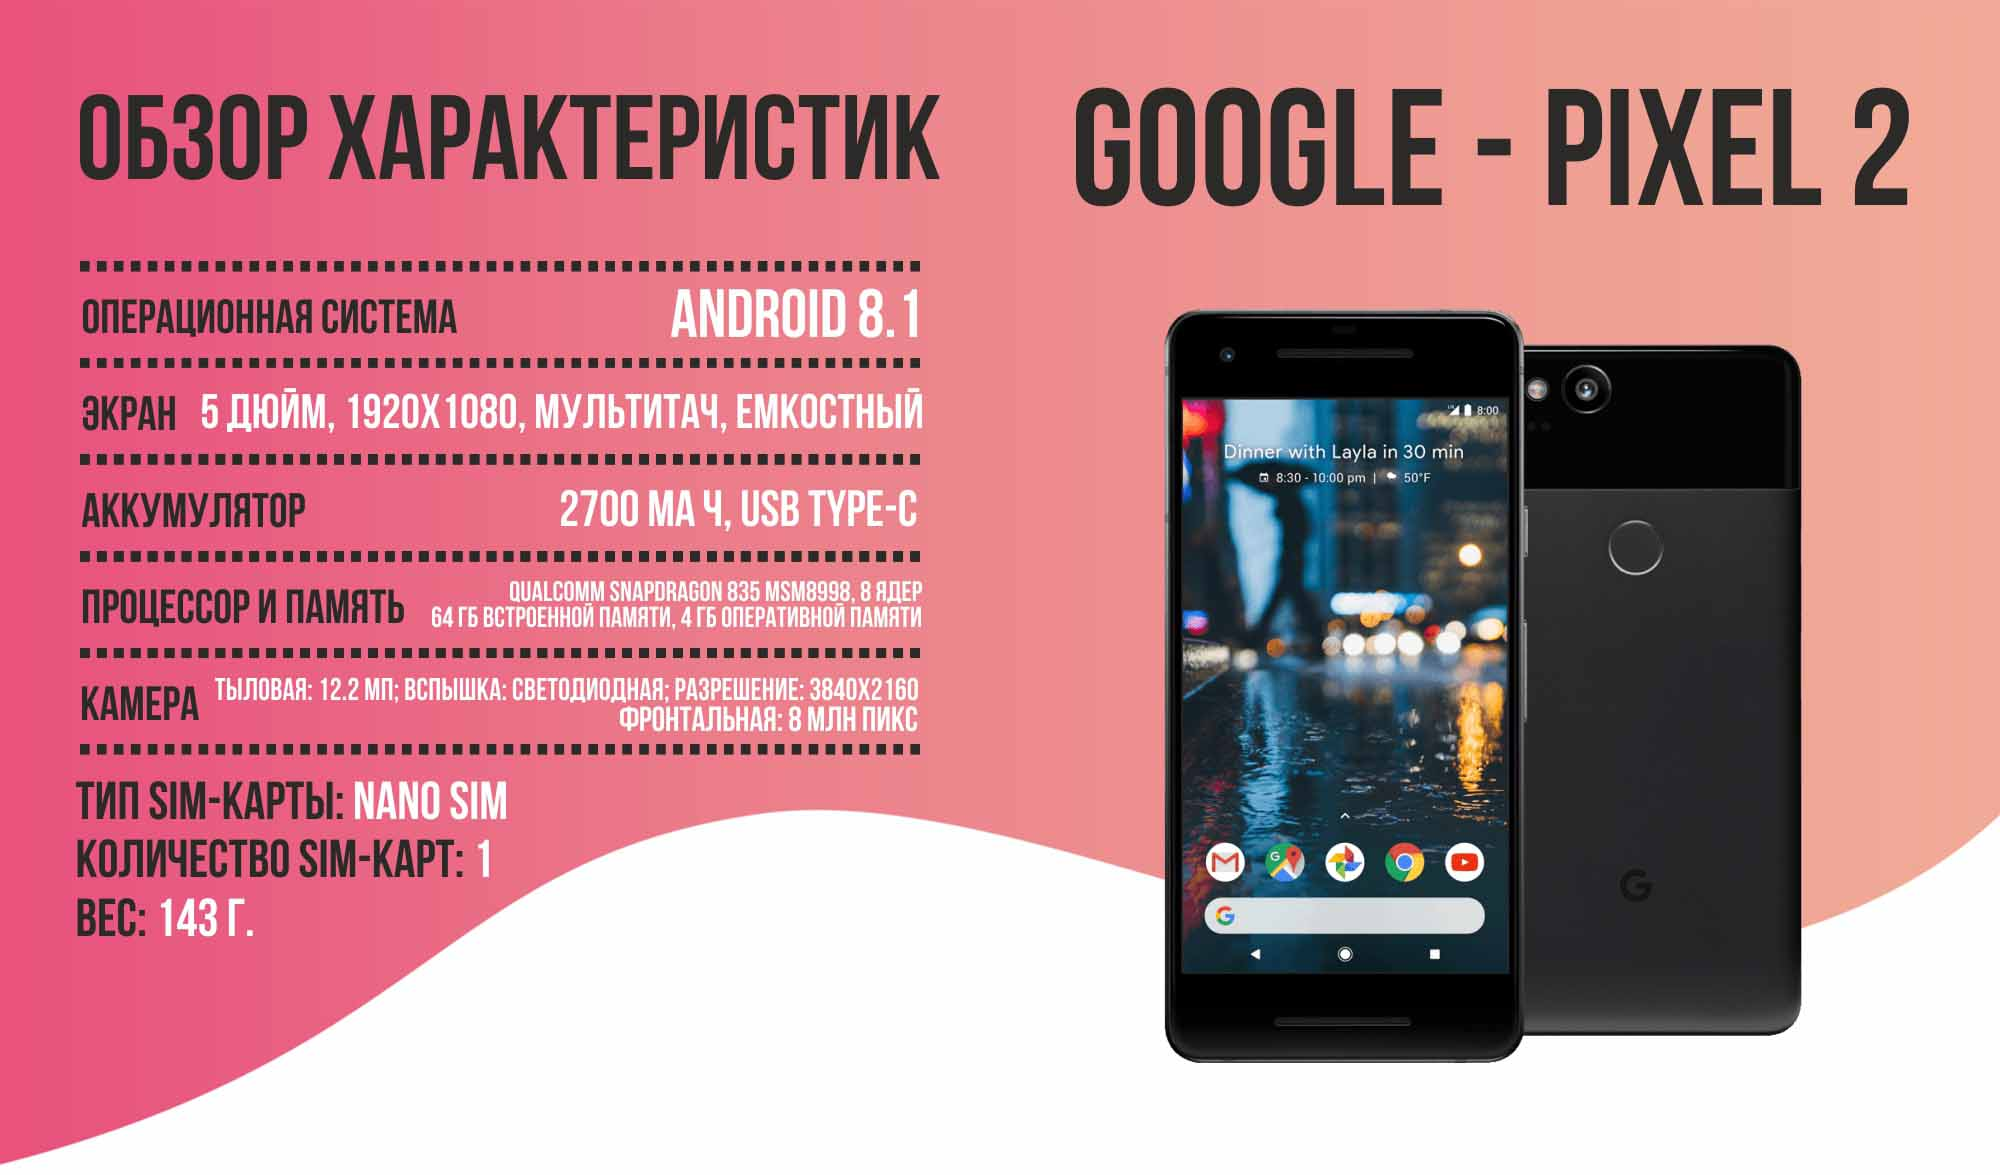 Google - Pixel 2 обзор